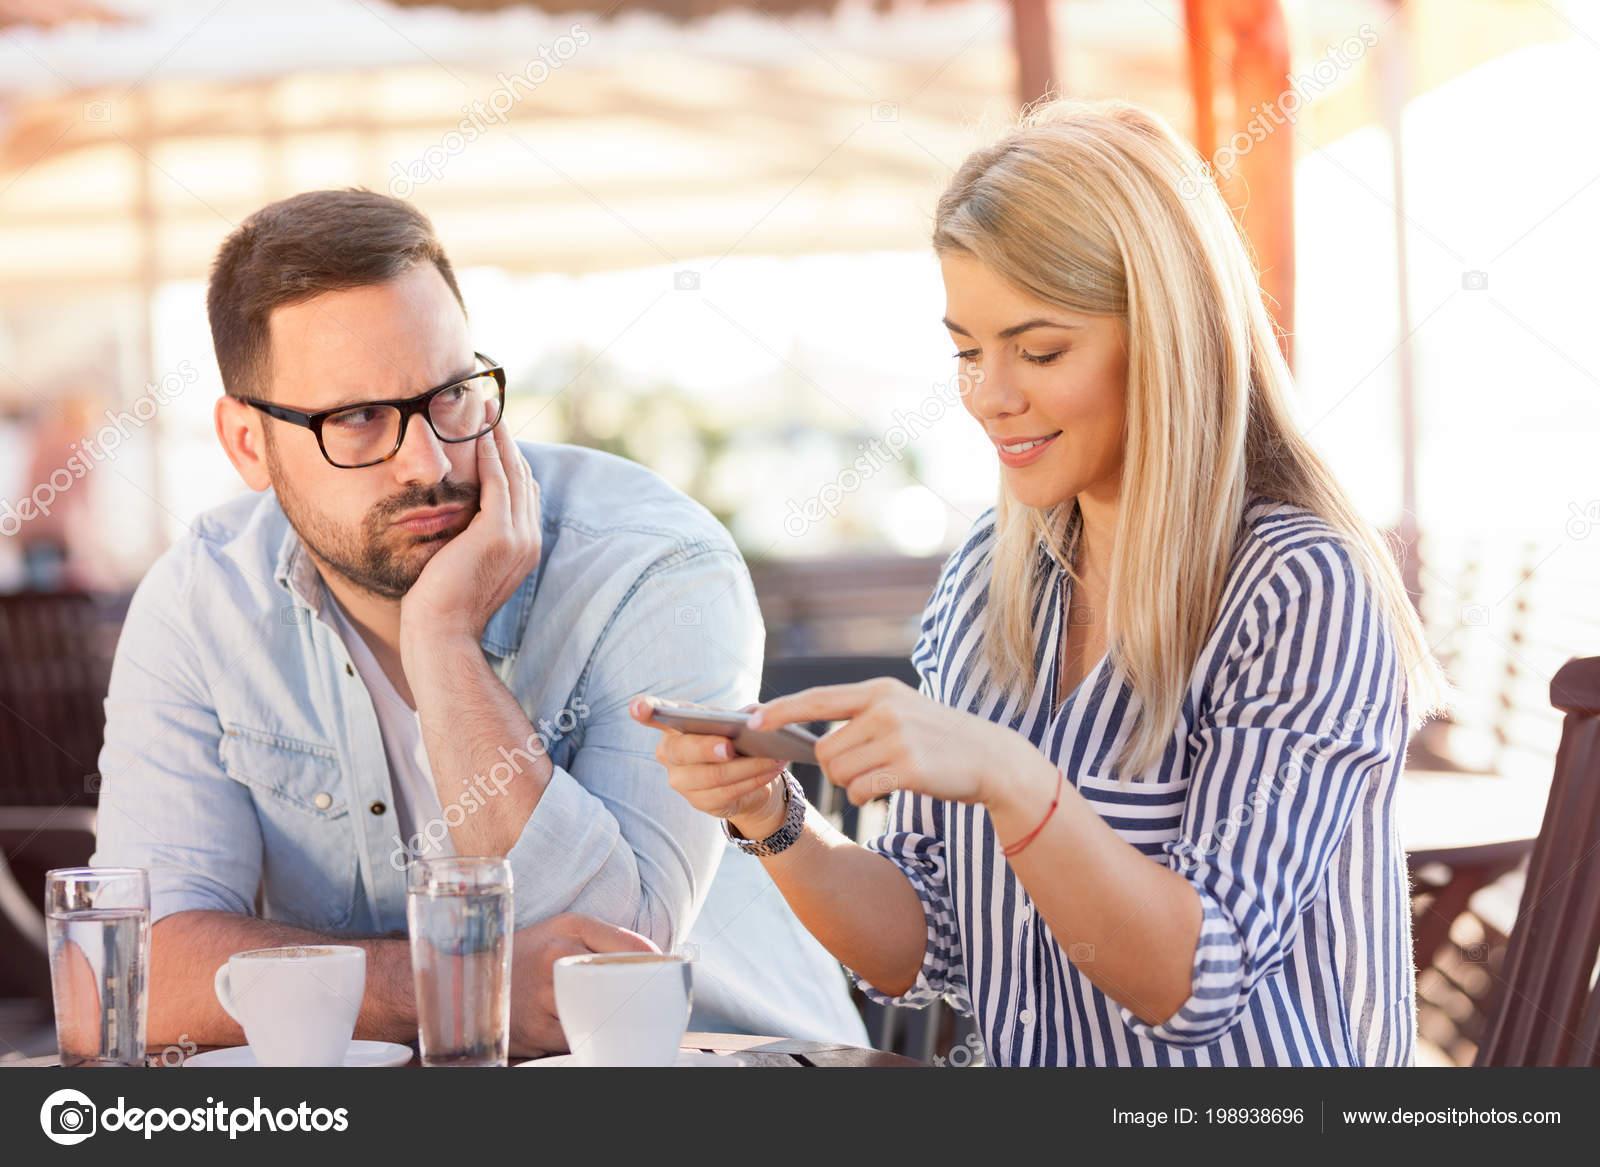 człowiek uzależniony od randek internetowych darmowe serwisy randkowe wrexham